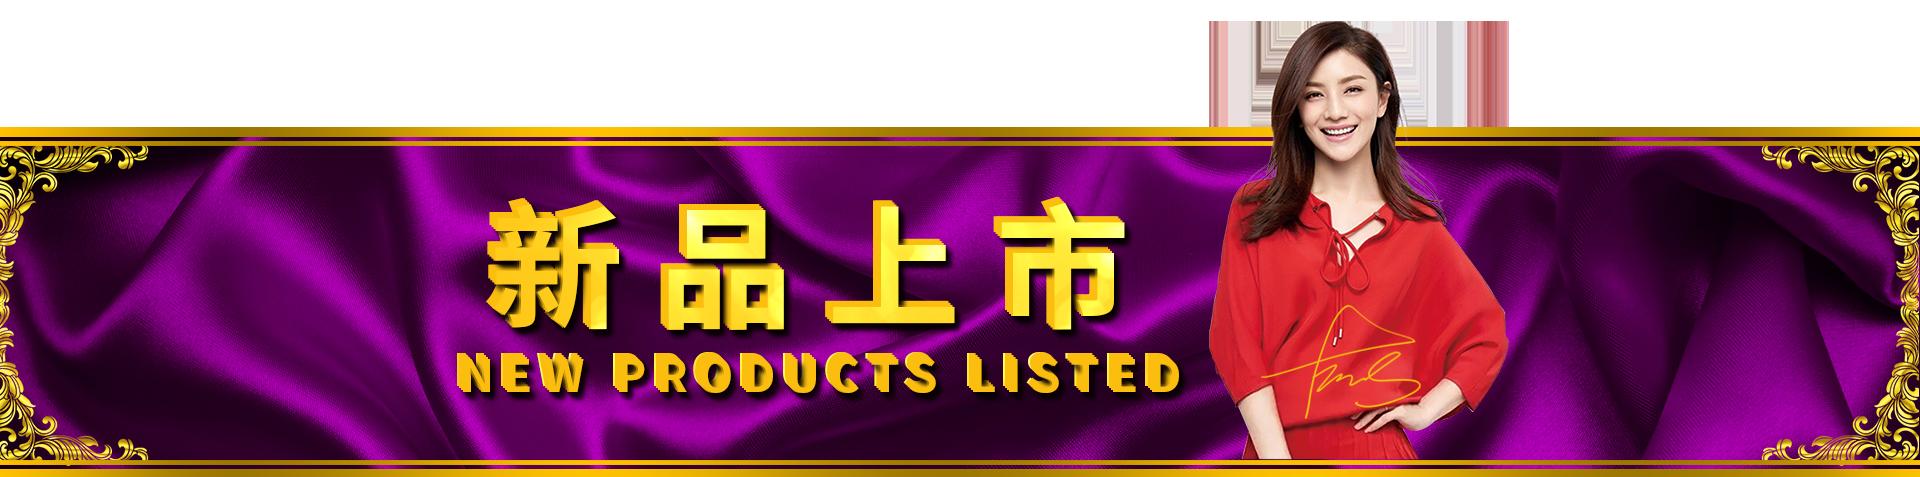 上海梦谷建材科技有限公司